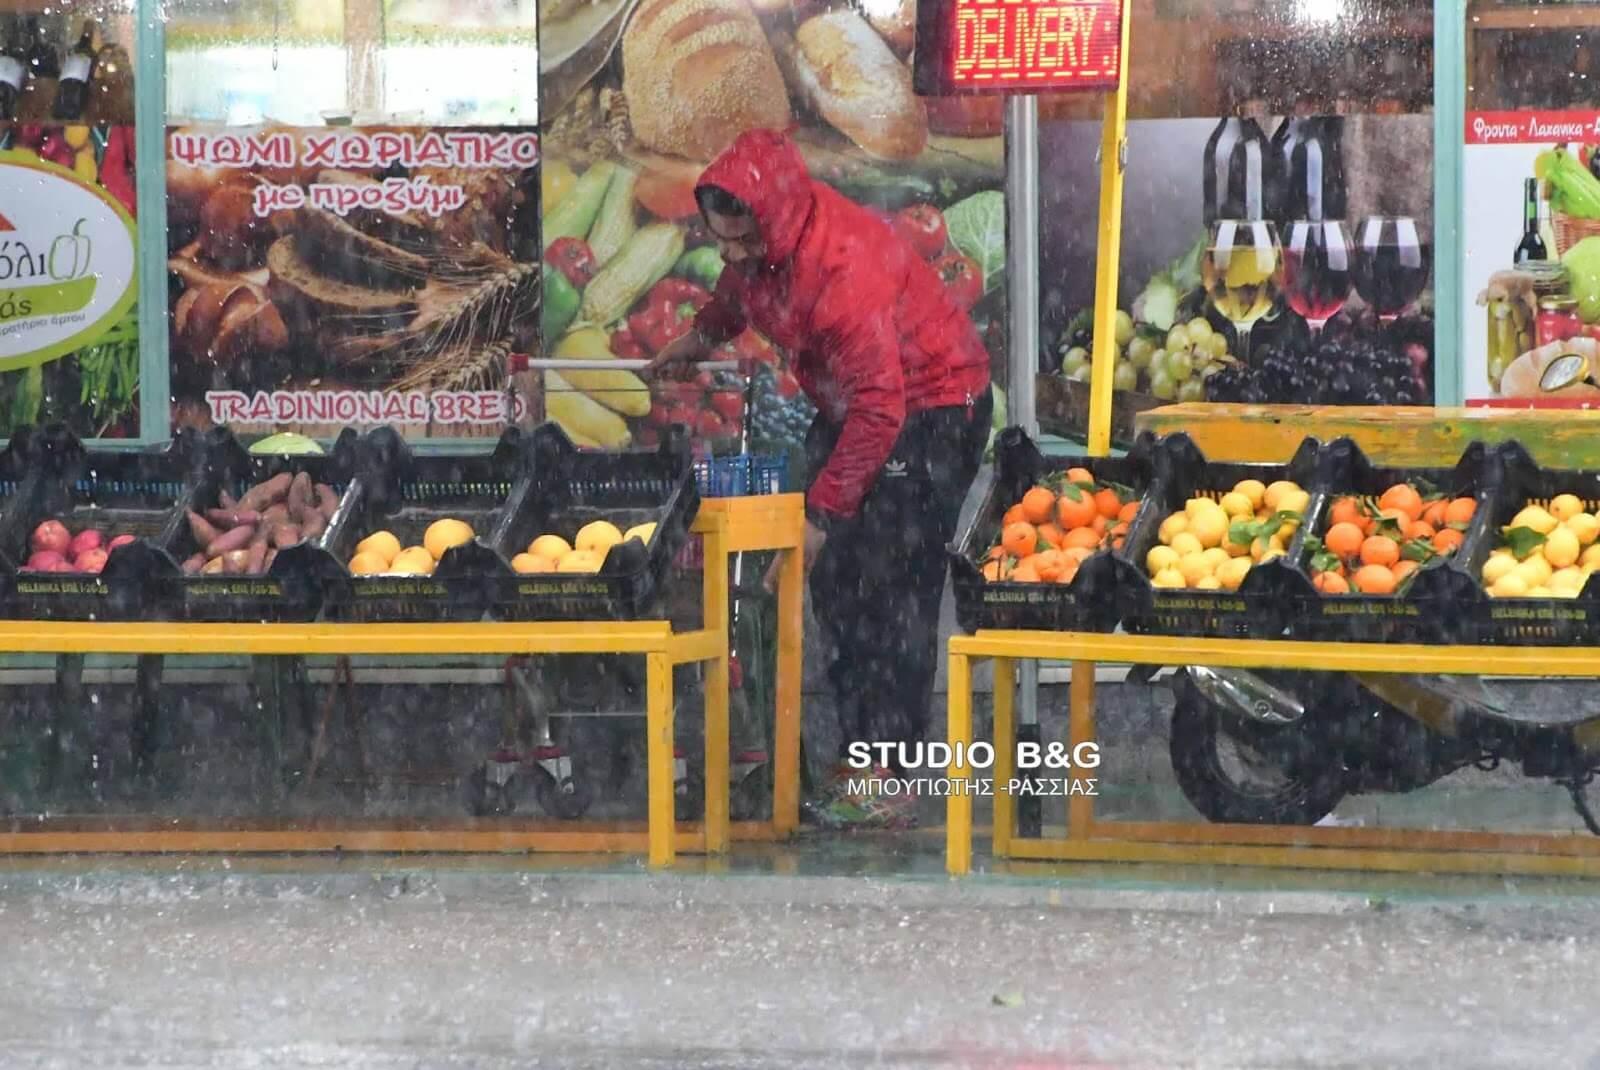 Ναύπλιο: Άνοιξαν οι ουρανοί και μούλιασαν στους δρόμους – Σφοδρή καταιγίδα στην πόλη!